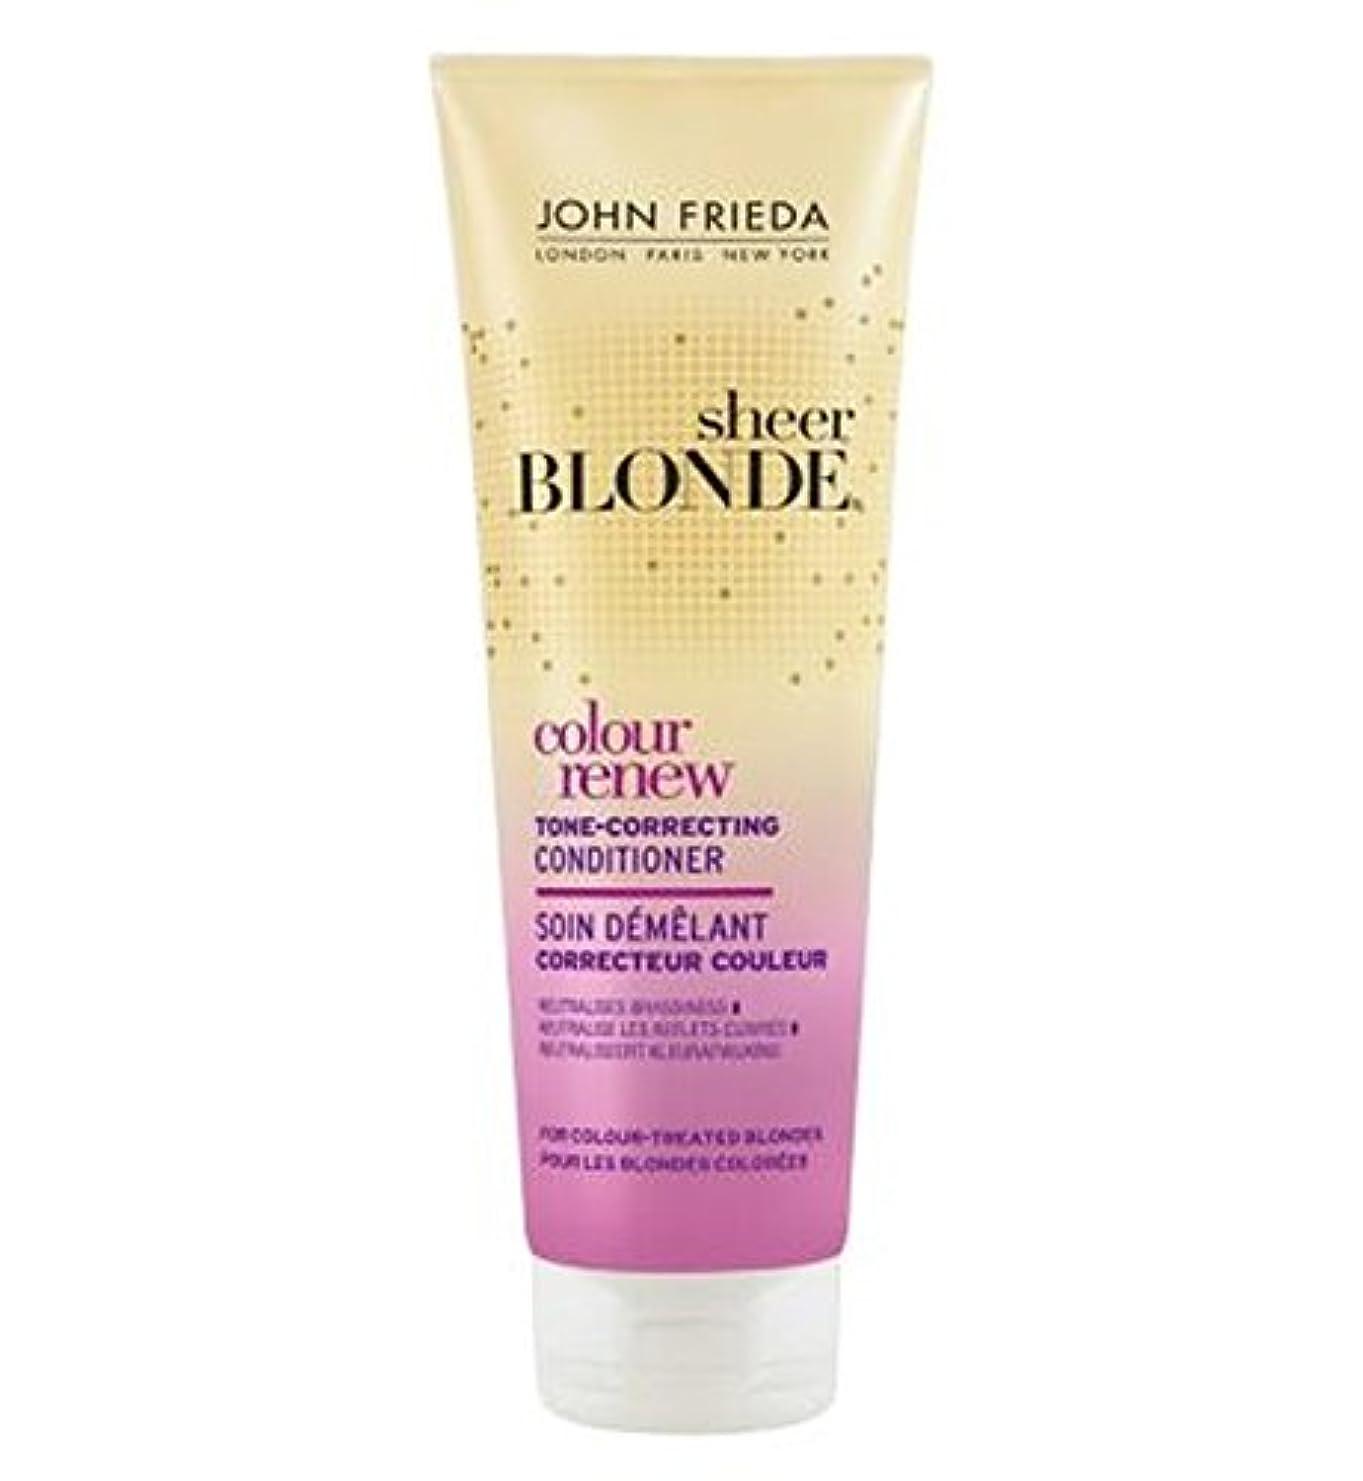 背が高い服を洗う農村John Frieda Sheer Blonde Colour Renew Tone Correcting Conditioner 250ml - ジョン?フリーダ薄手のブロンド色は色調補正コンディショナー250ミリリットル...